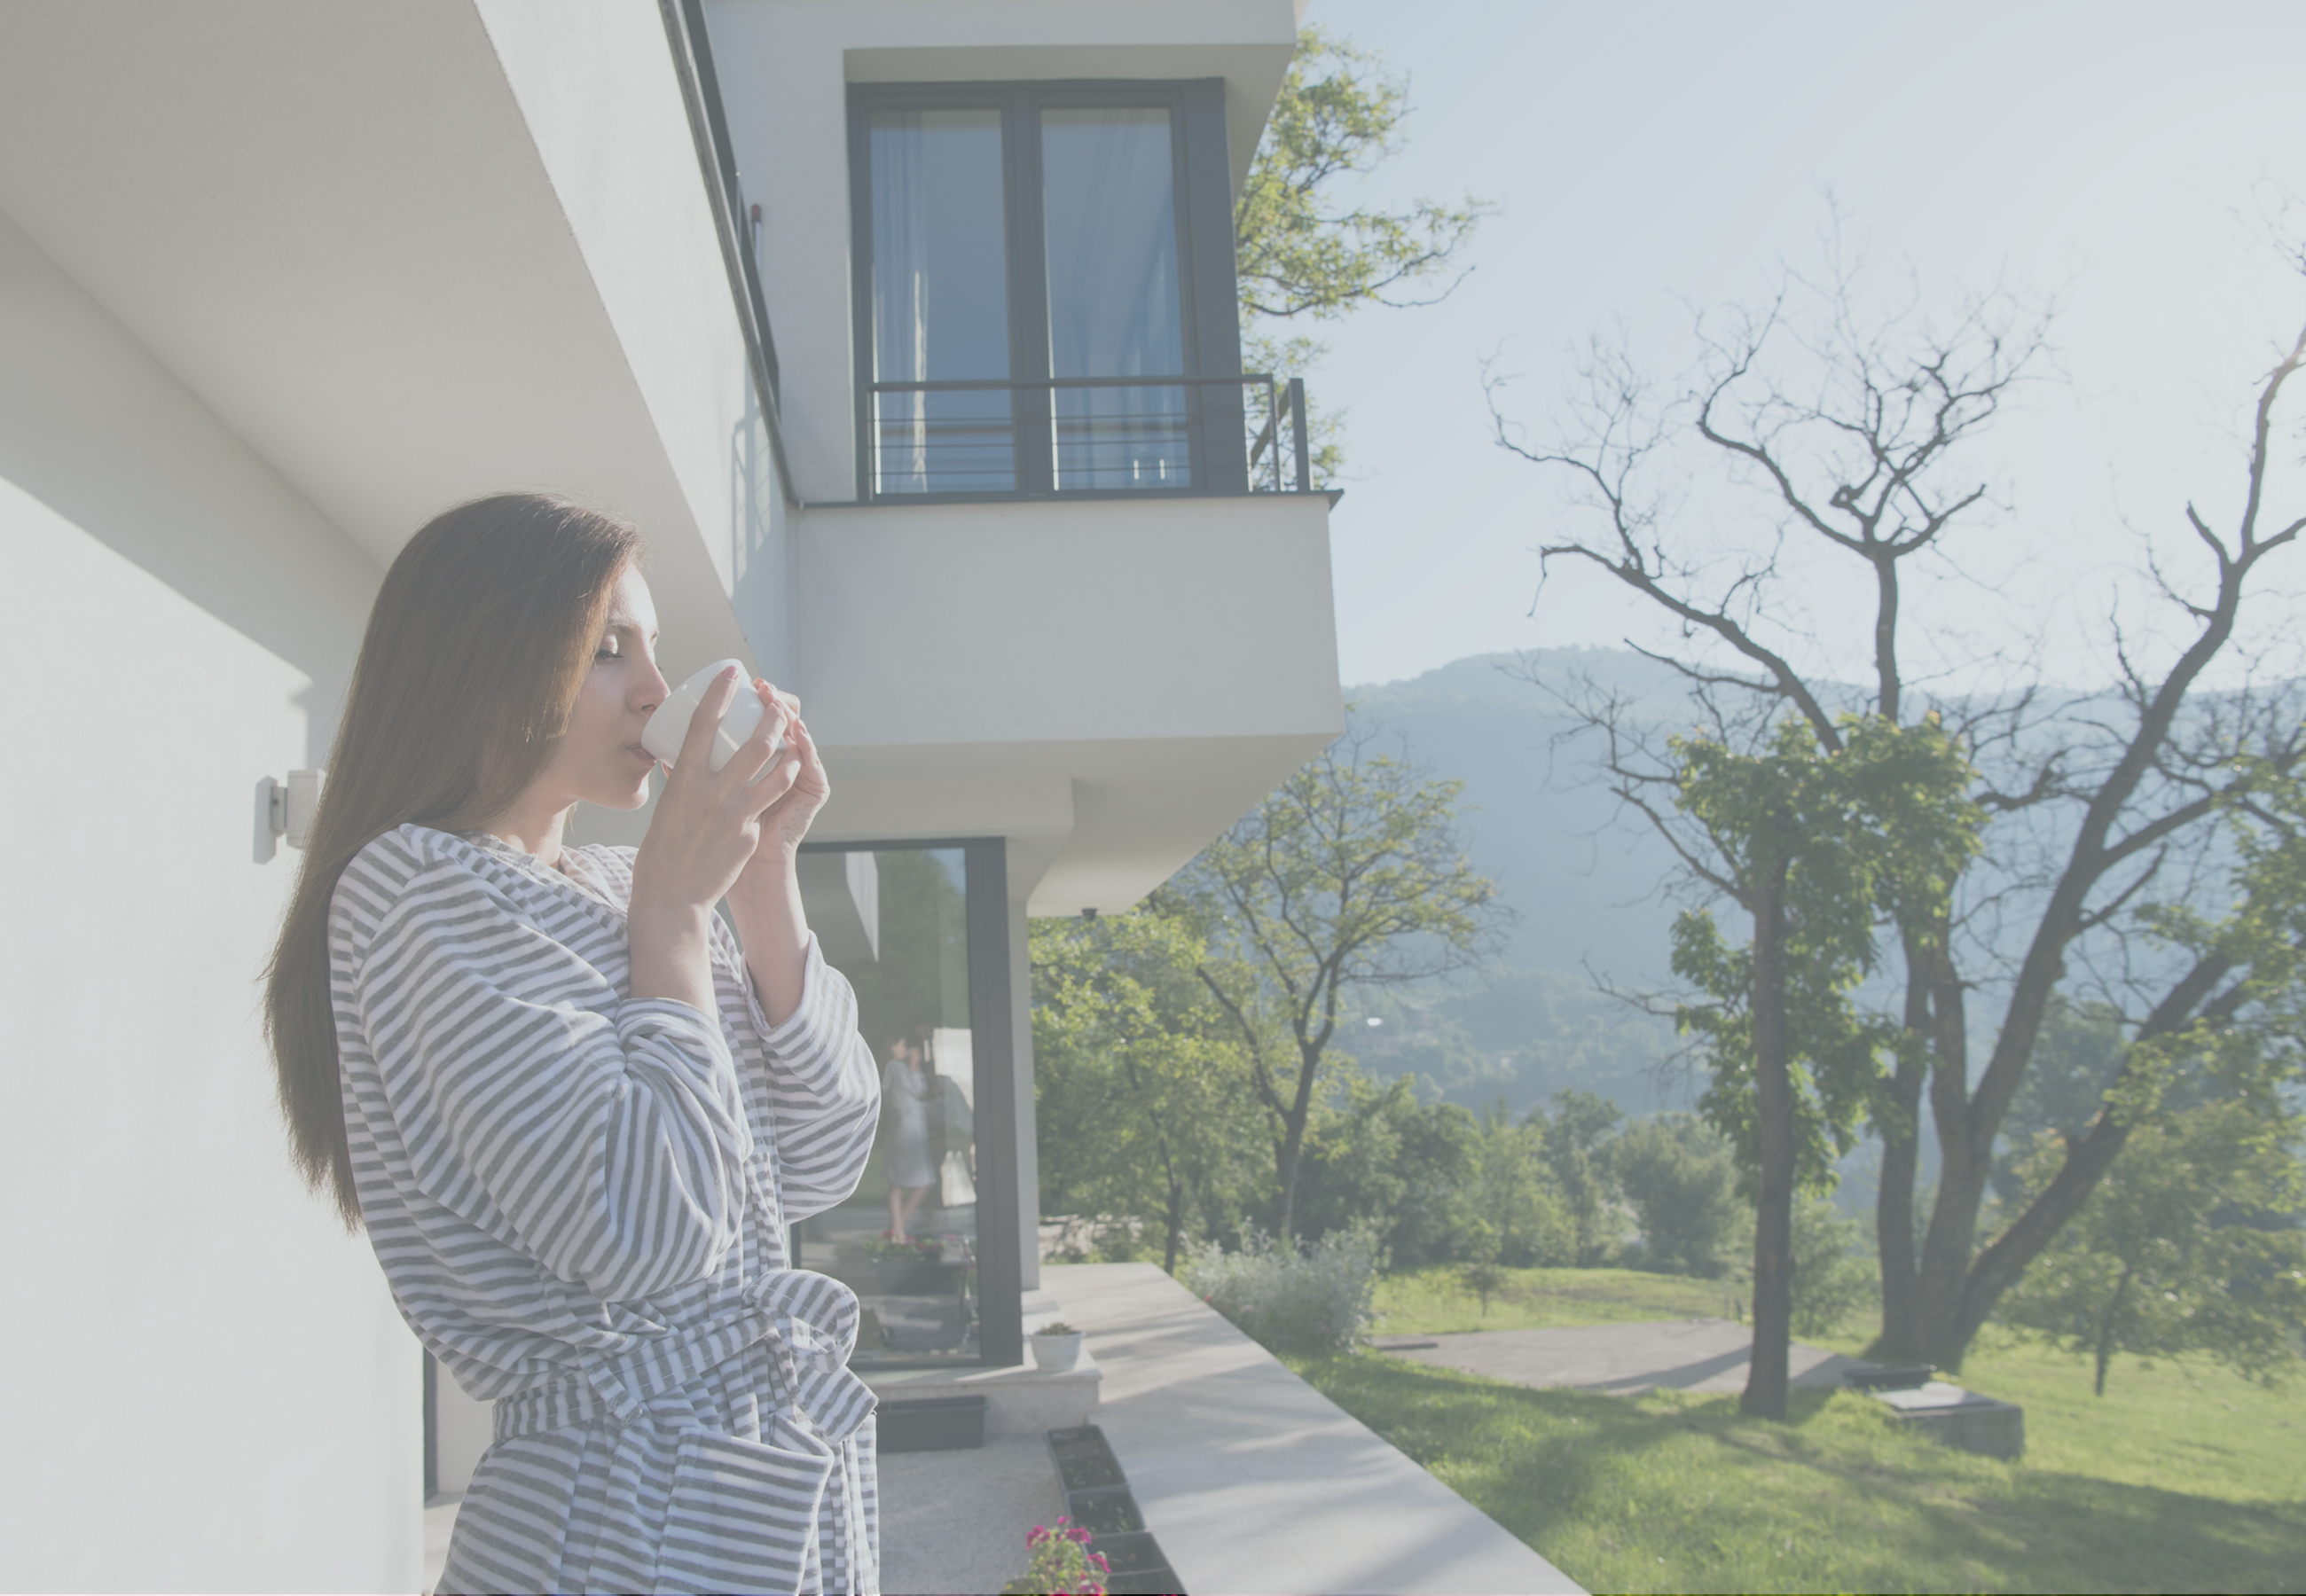 Schlott immobilien schlott immobilien for Immobilienmakler vermietung